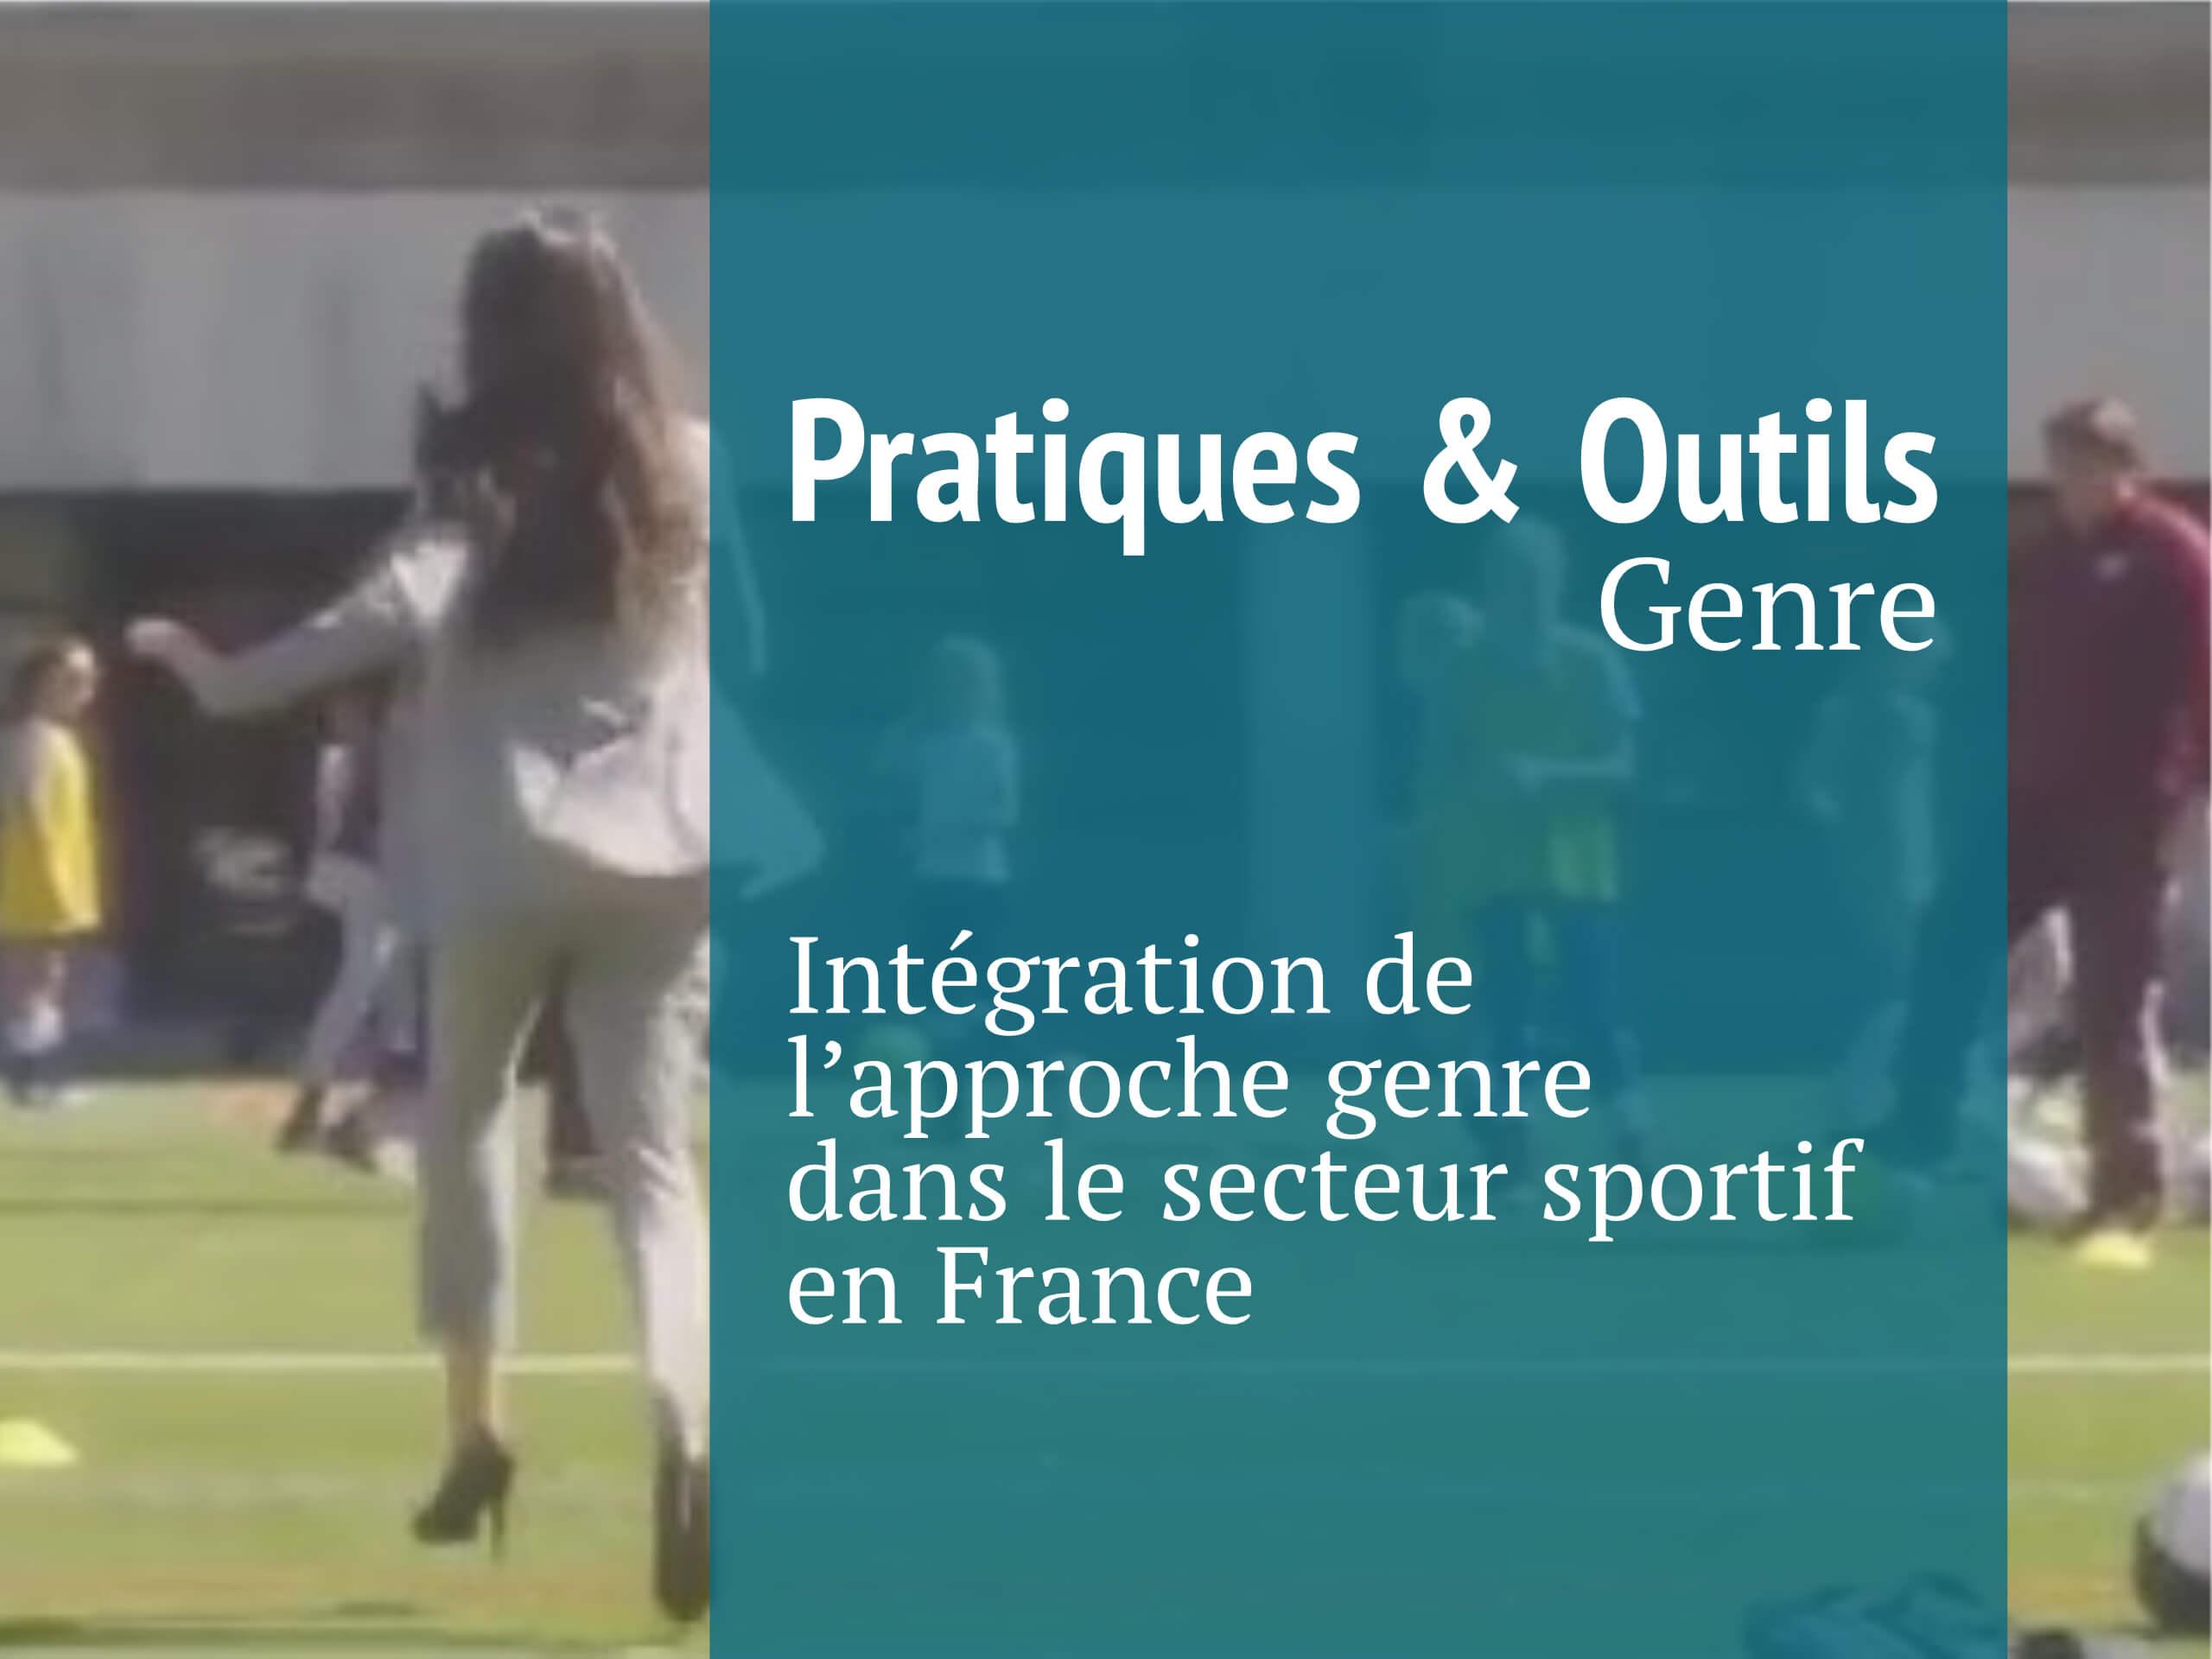 Pratiques & Outils Genre sport